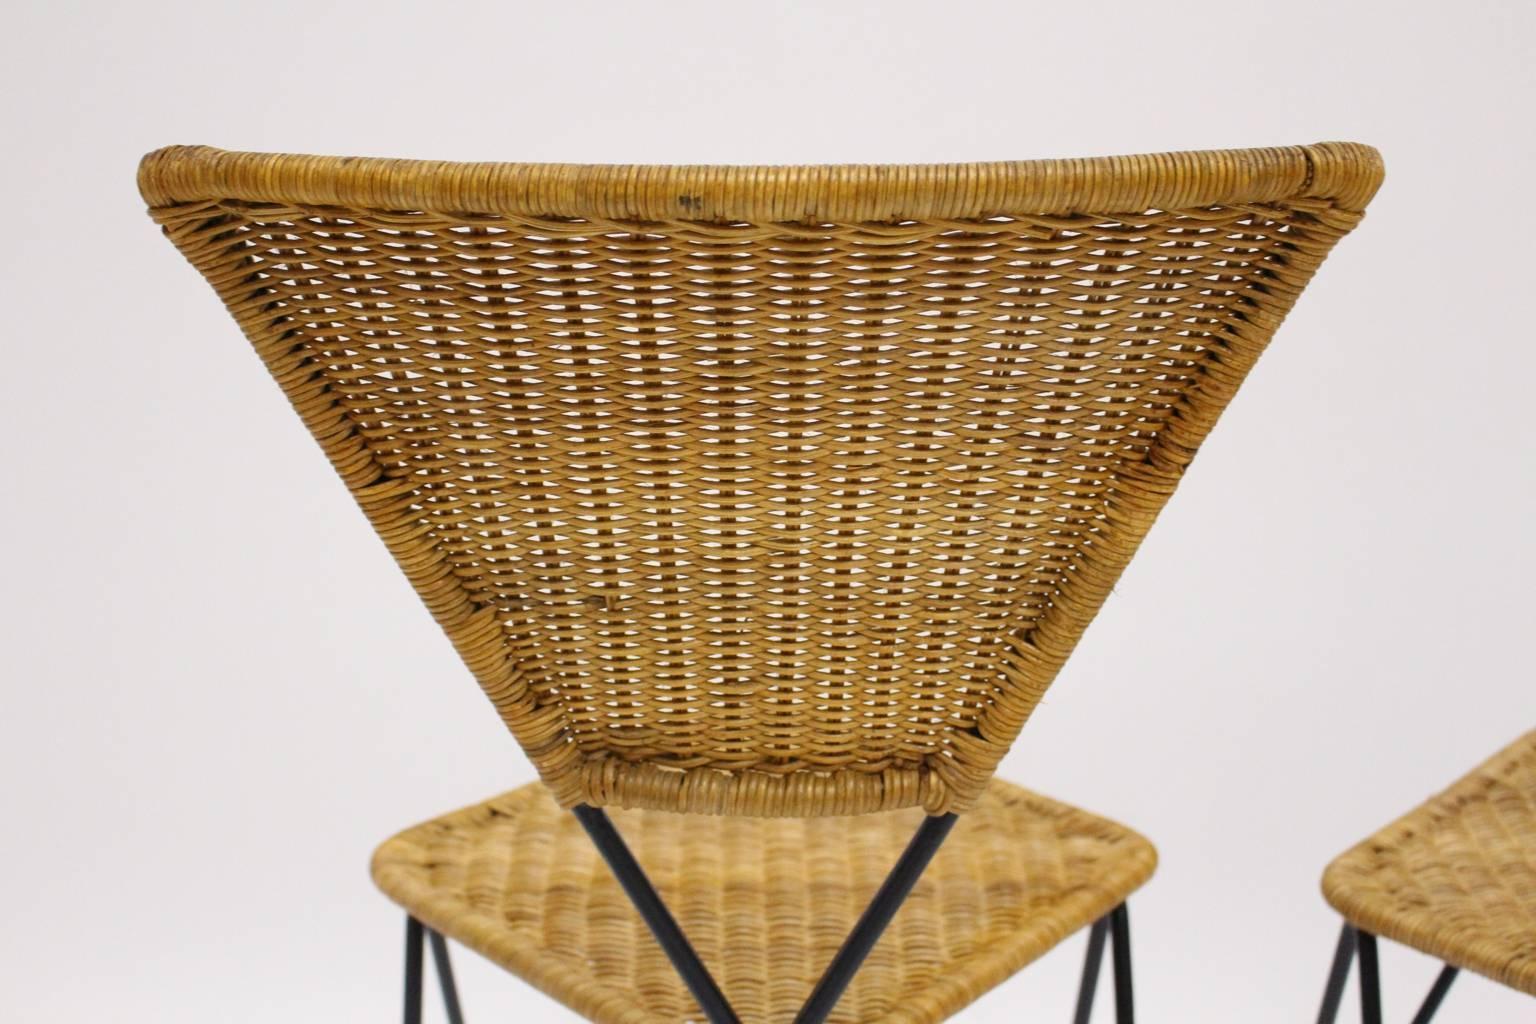 Wicker Garden Chairs By Karl Fostel Senu0027s Erben For Sonett Vienna, Circa  1950 For Sale